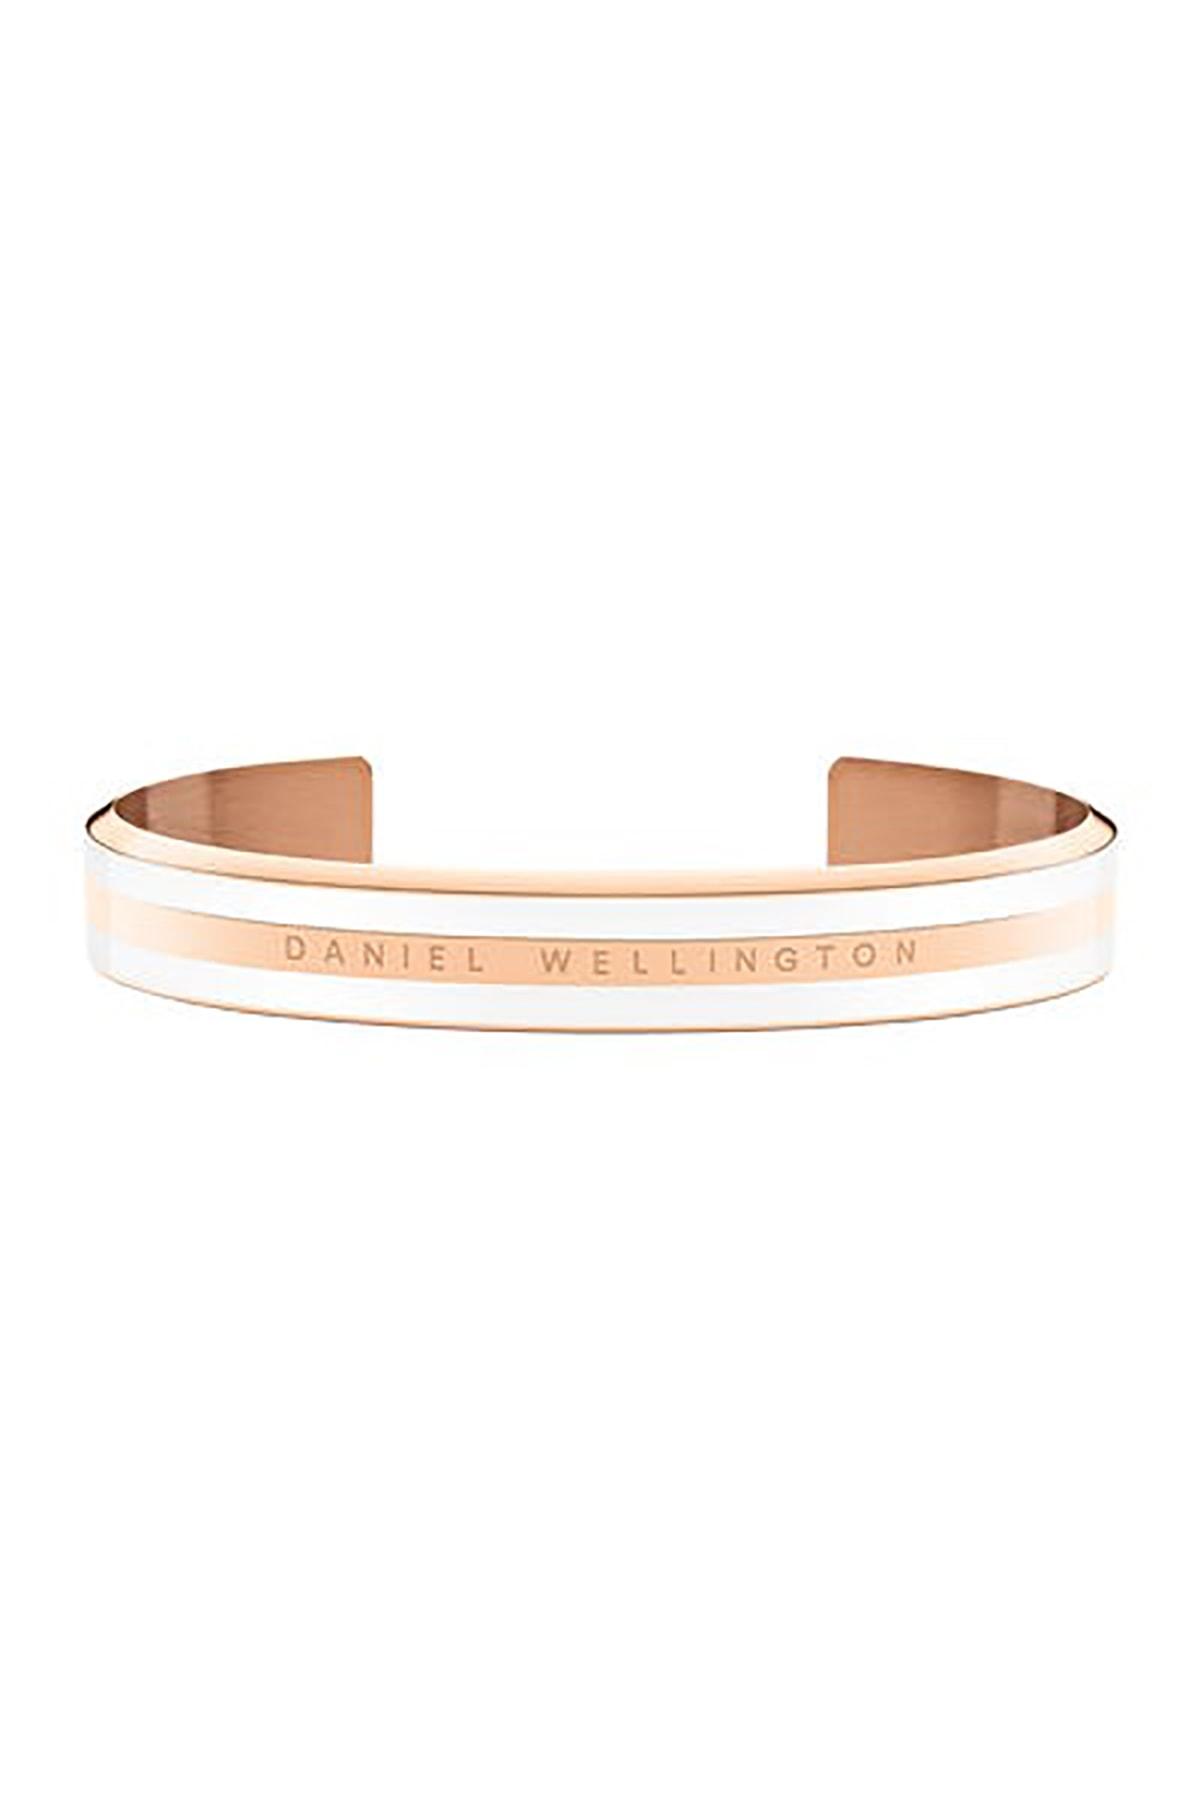 Daniel Wellington Classic Bracelet Satin White Rose Gold Small - Kadın için